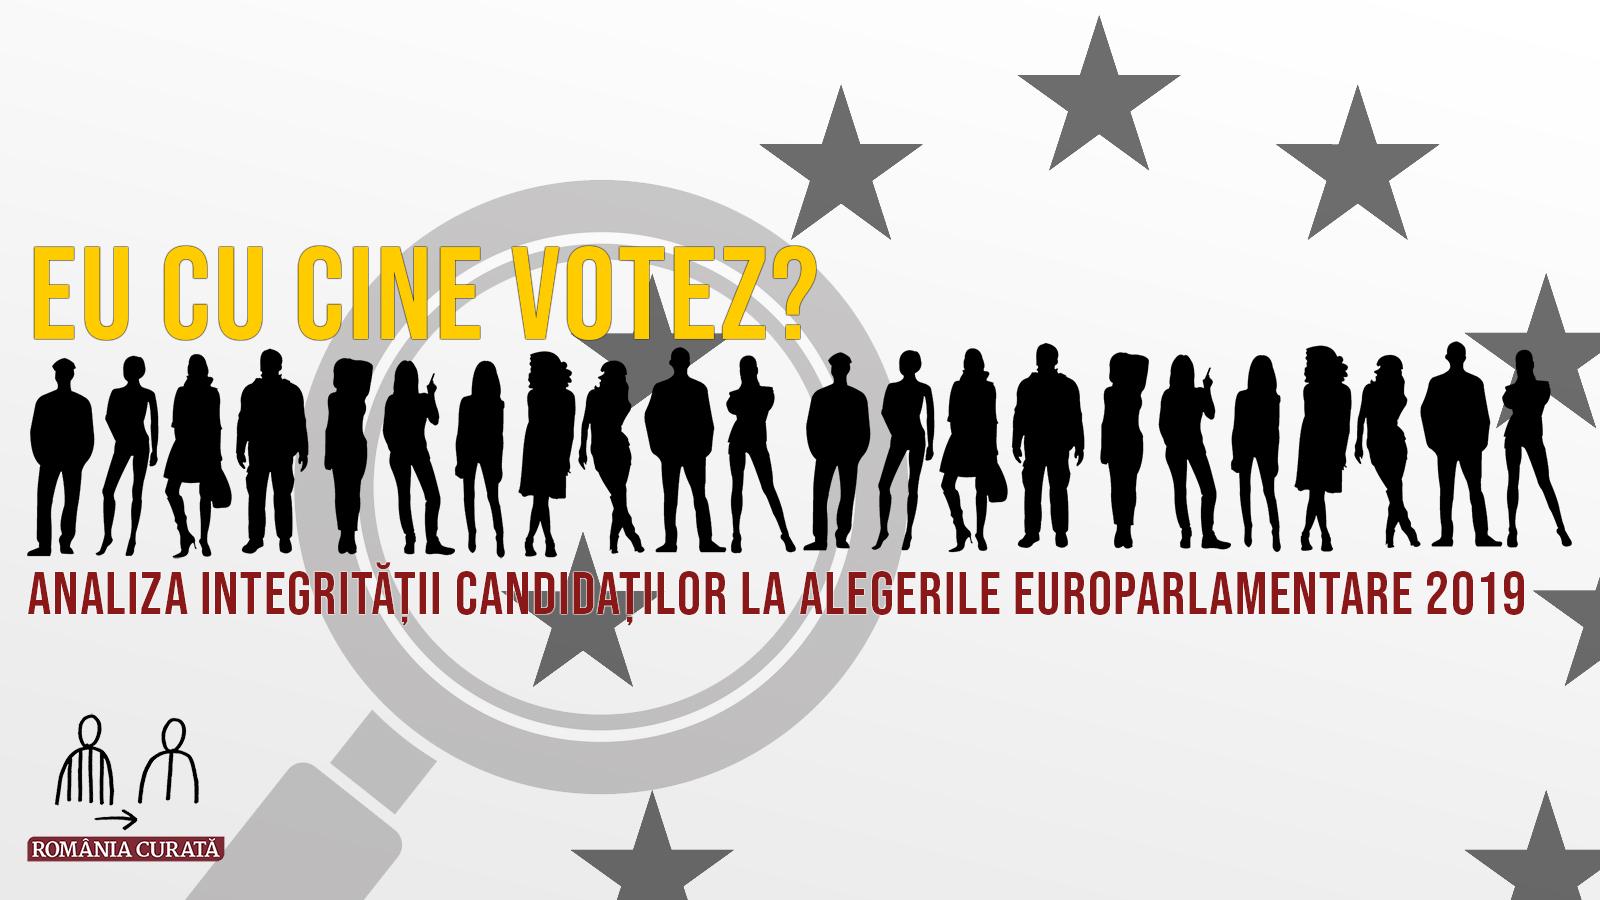 Ce aveți de ales. Listele negre ale României Curate pentru alegerile europarlamentare 2019